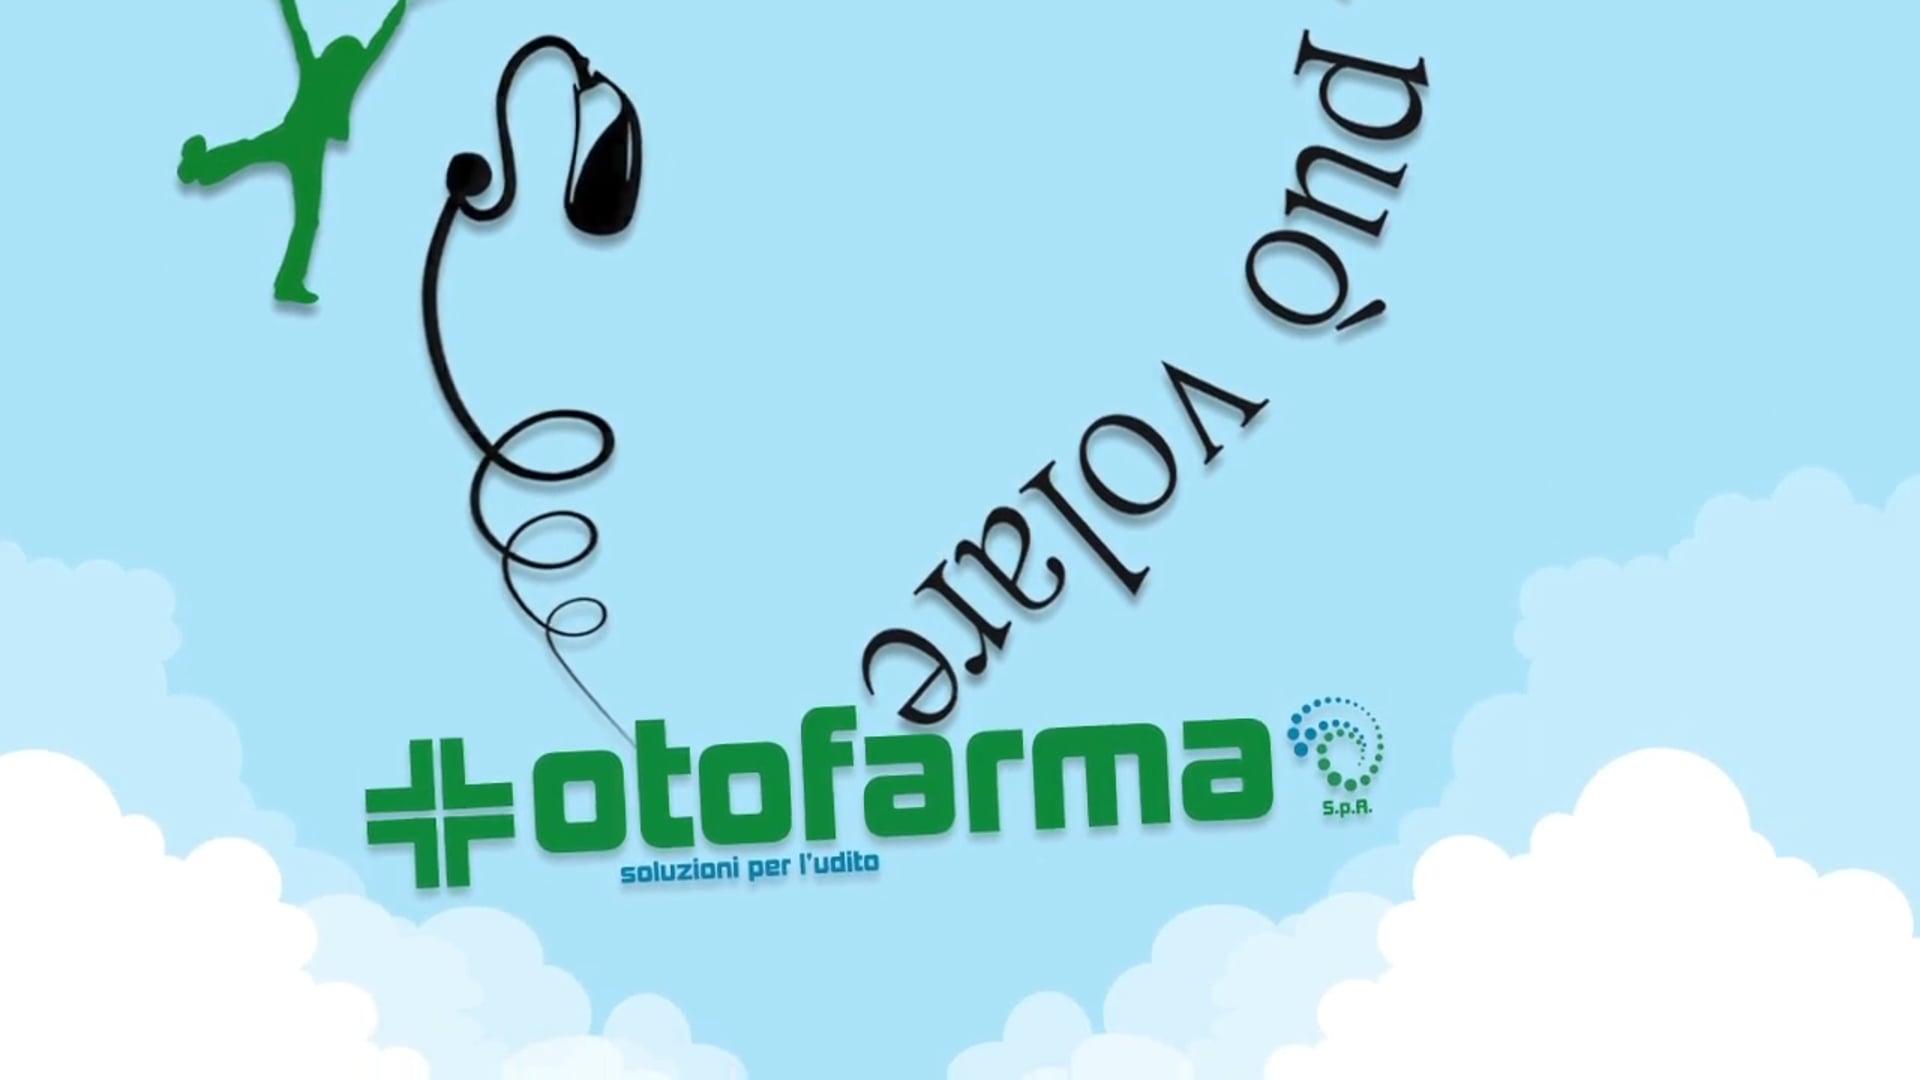 Otofarma - Costa Azzurra 2019